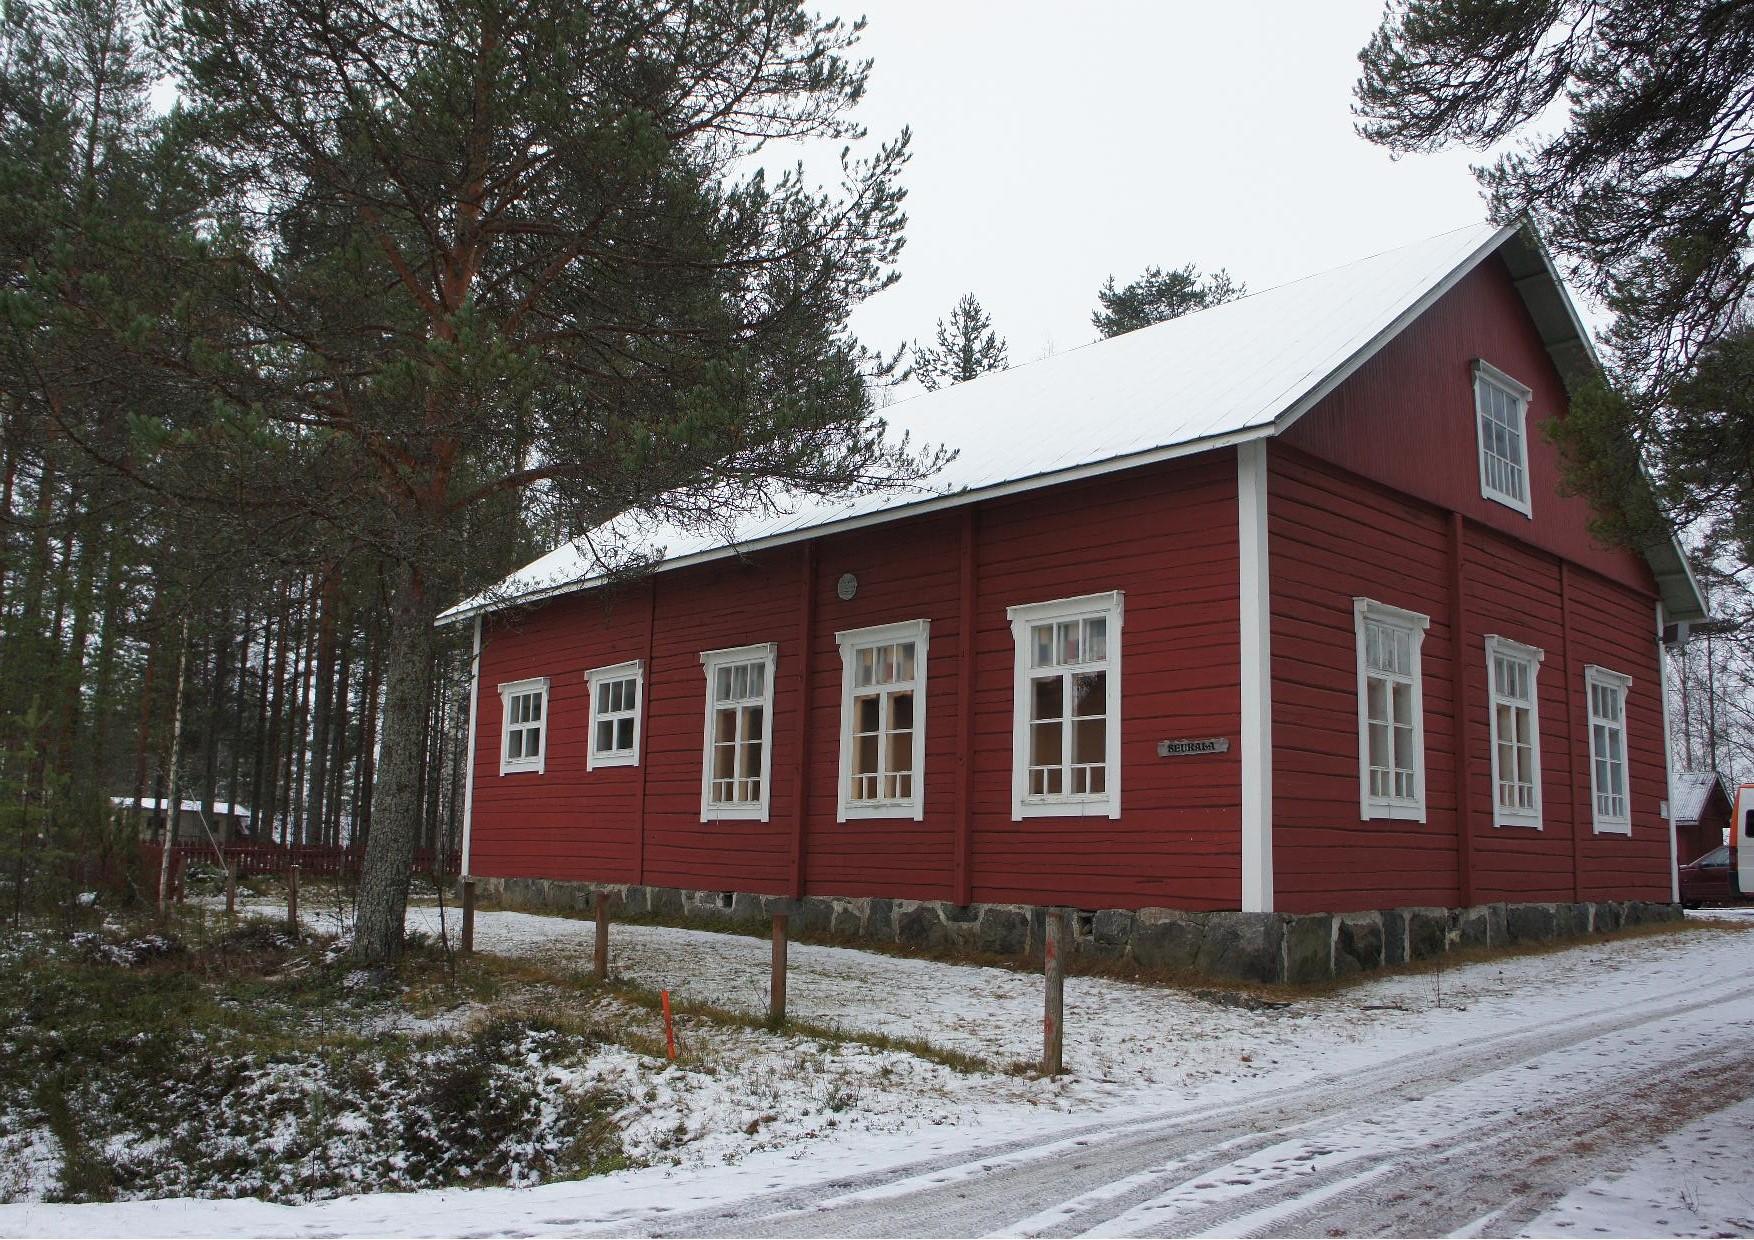 Seurala. Nurmijärven kylällä Rukajärven tien varrella, jossa avataan 30.11.2014 klo 13.00 pysyvä Rukajärven tien valokuvanäyttely.